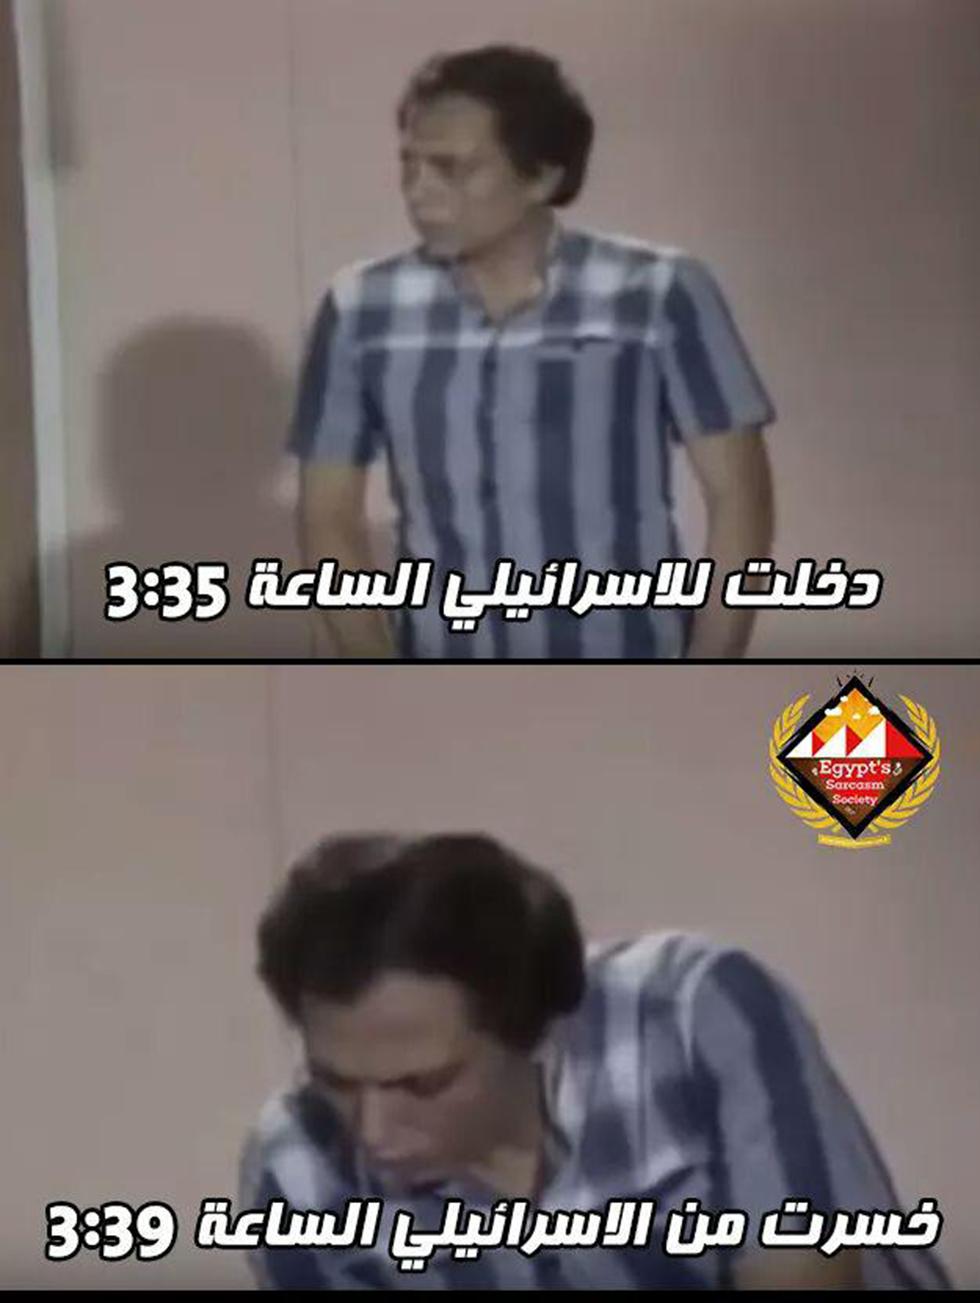 """מם שפרסמו גולשים מצרים ברשתות החברתיות - צוחקים על חשבון א-שהאבי בעזרת סרטי קולנוע: """"נכנסתי לישראלי בשעה 03:35 וככה זה נראה ב-03:39"""""""